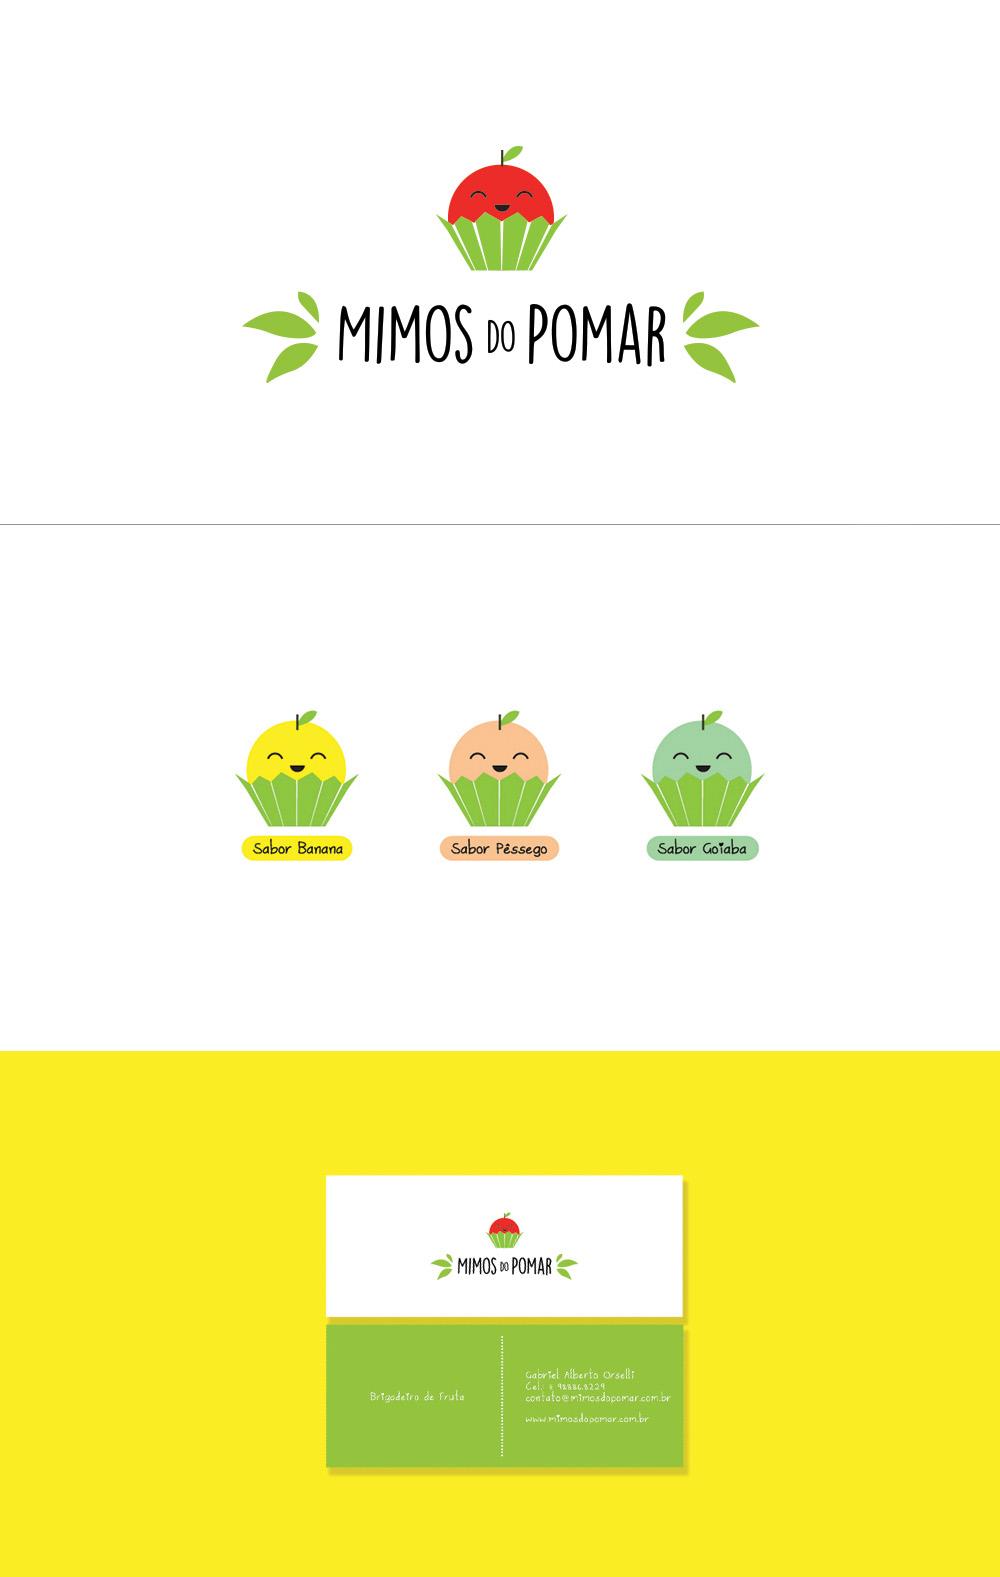 mimos-do-pomar2.jpg